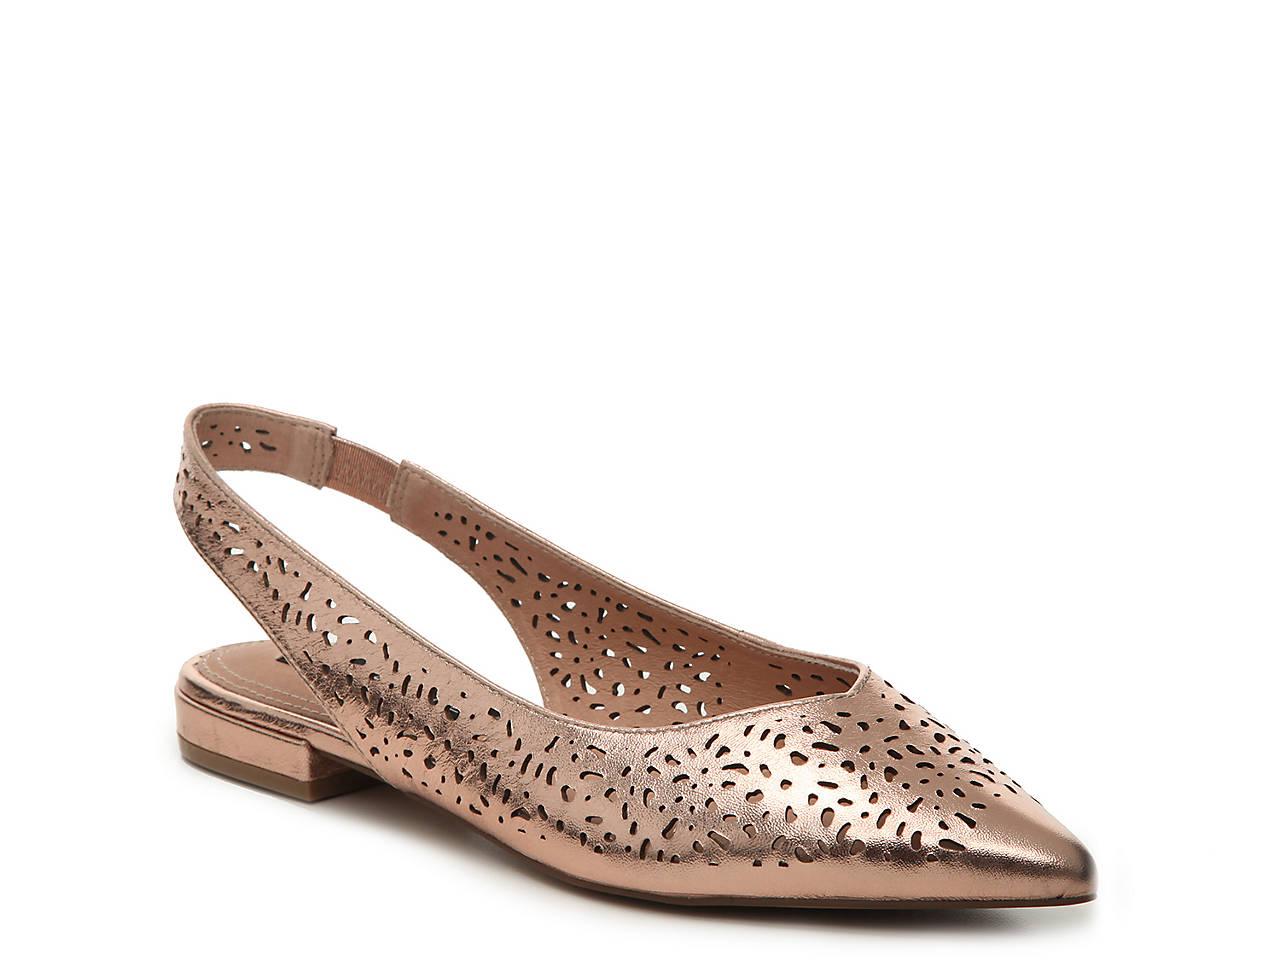 e386b6a839f Steven by Steve Madden Lourdes Flat Women s Shoes